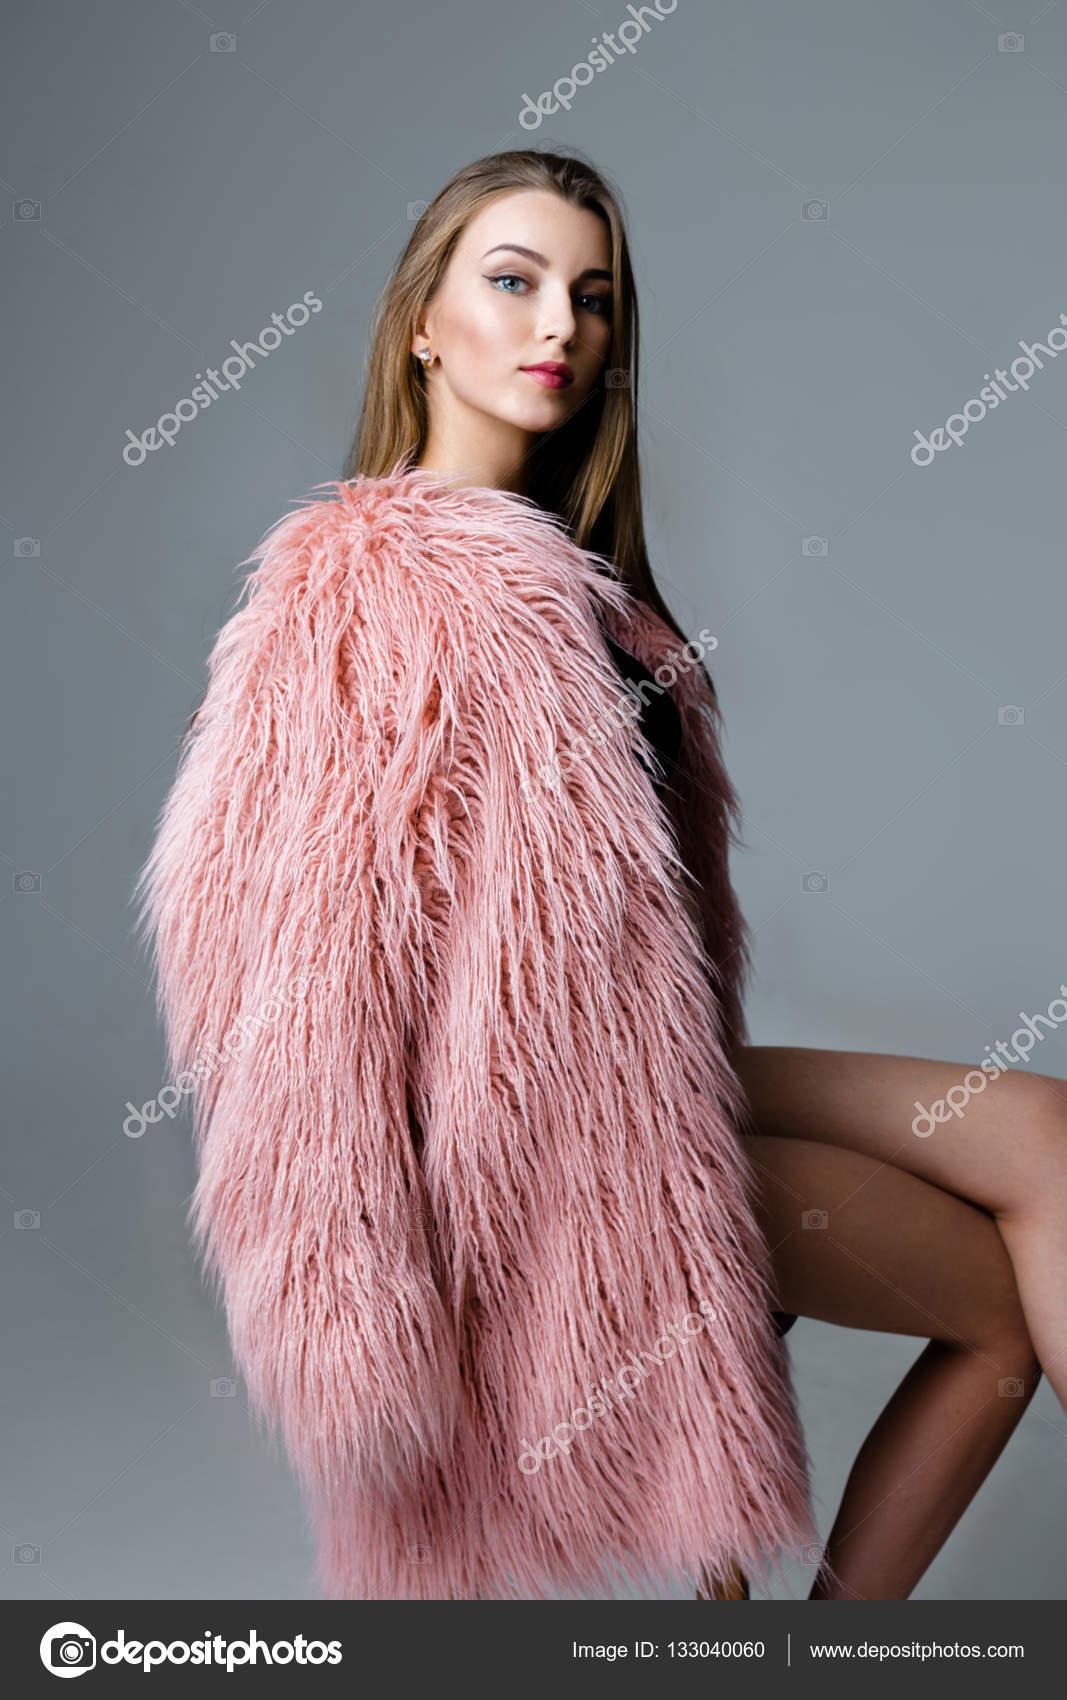 Πορτρέτο του όμορφη νεαρή γυναίκα σε ροζ γούνινο παλτό που θέτουν σε  στούντιο — Εικόνα από smmartynenko 89c6dbf76c1